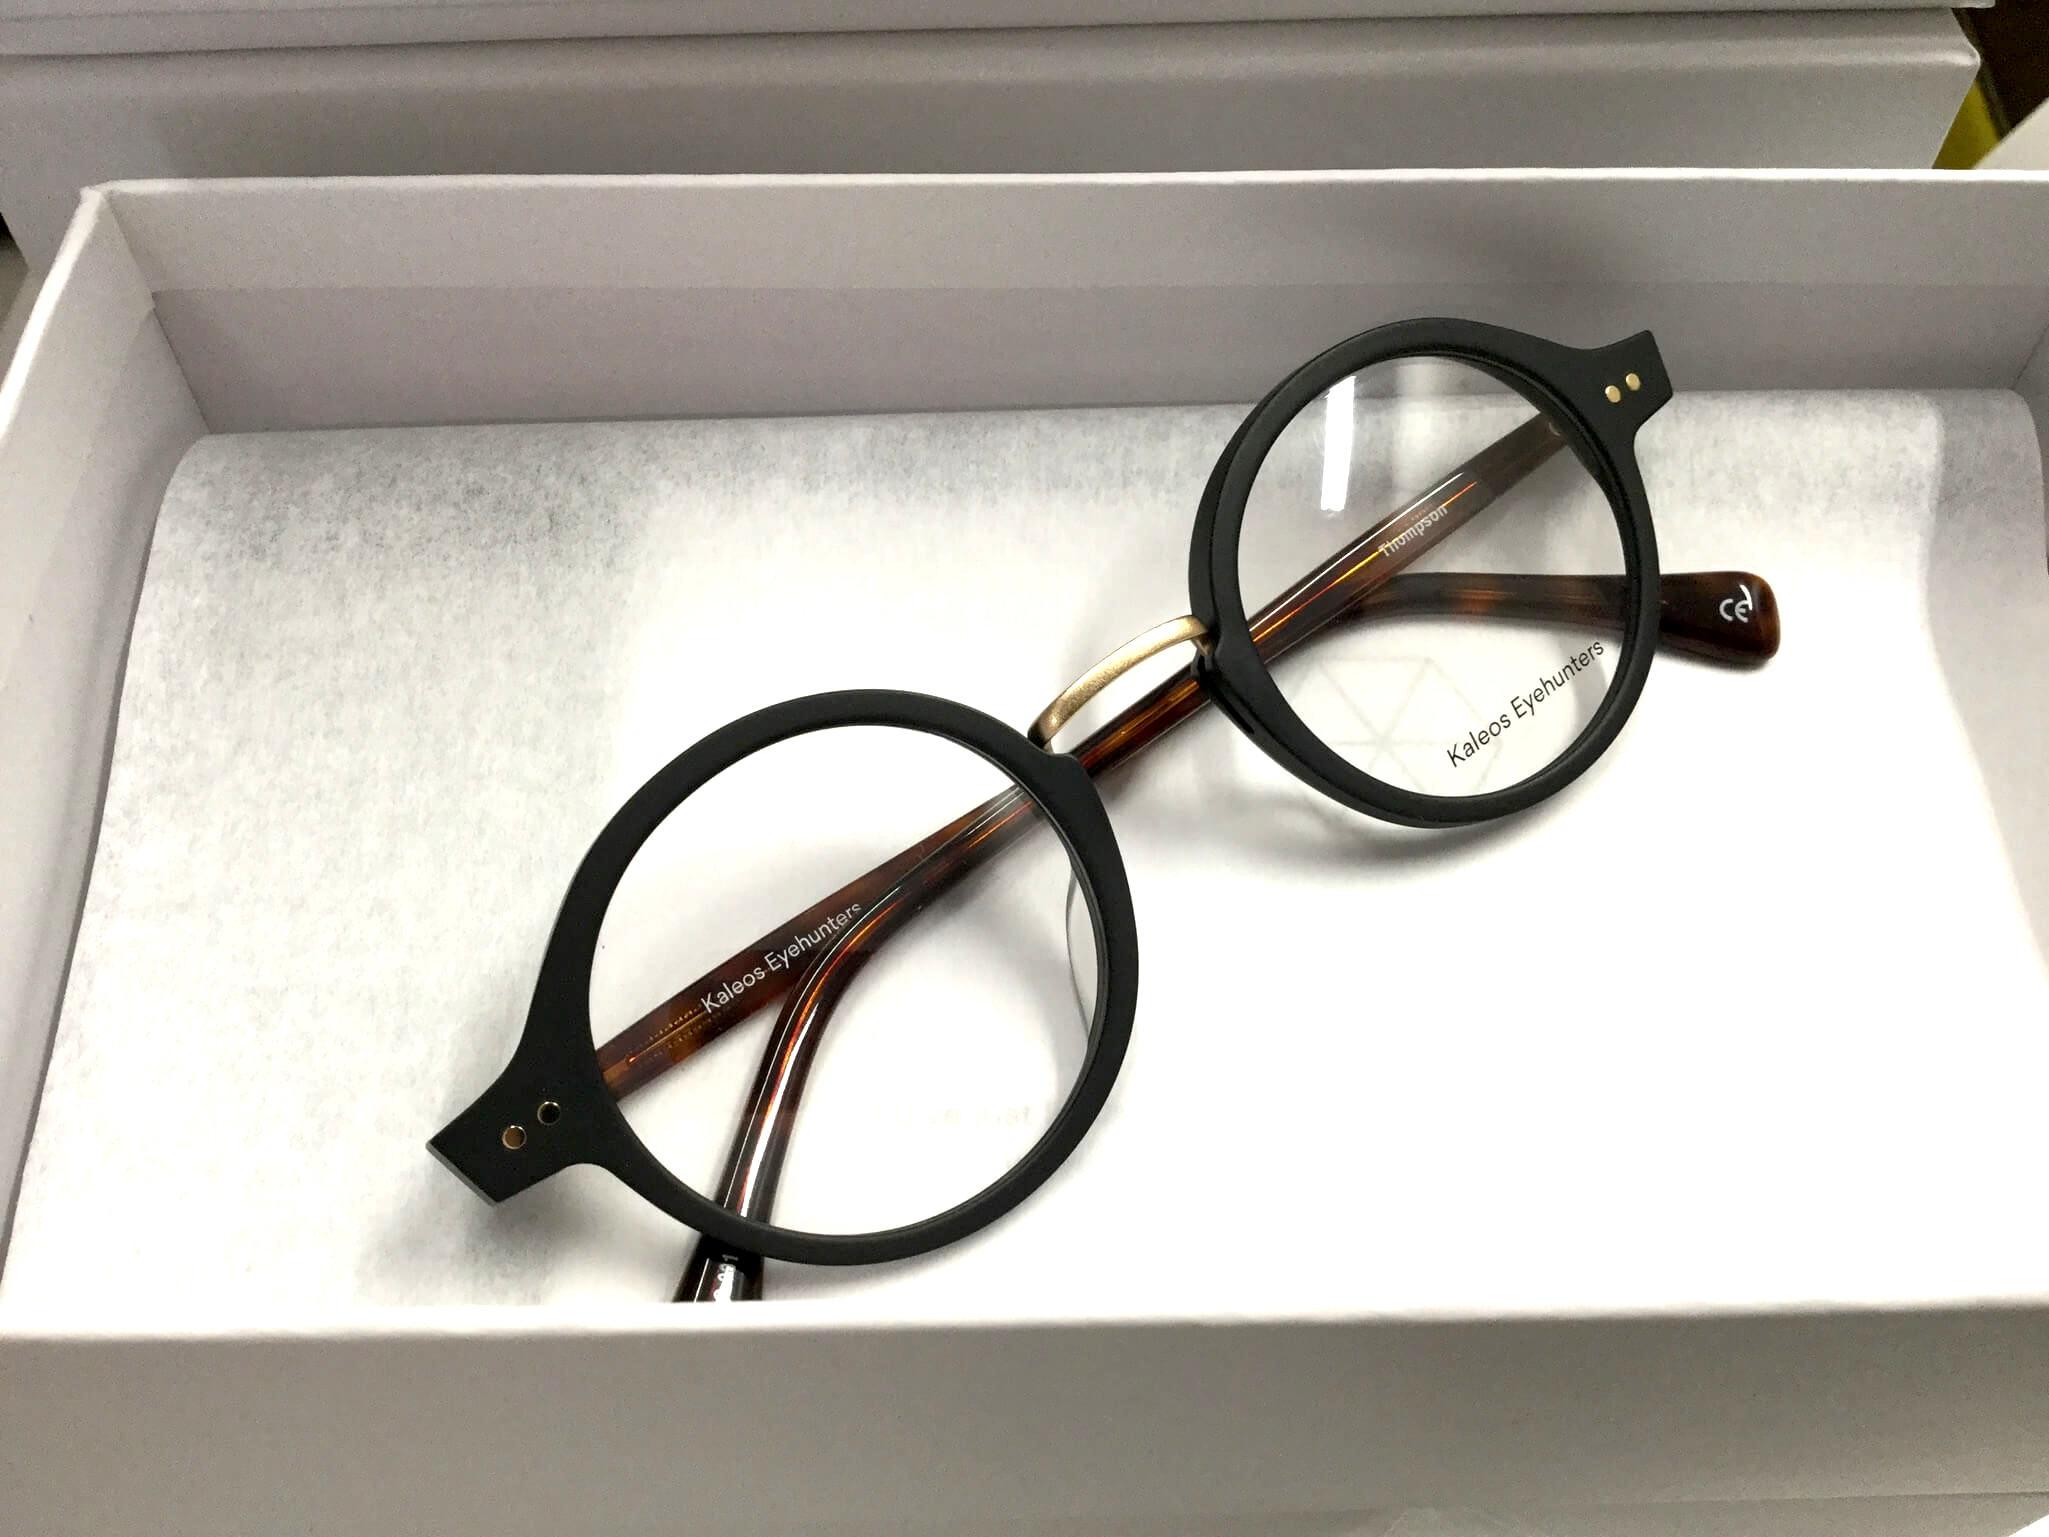 Schwarze runde Brille von Kaleos Eyeware - zu kaufen bei Optik Westermeier